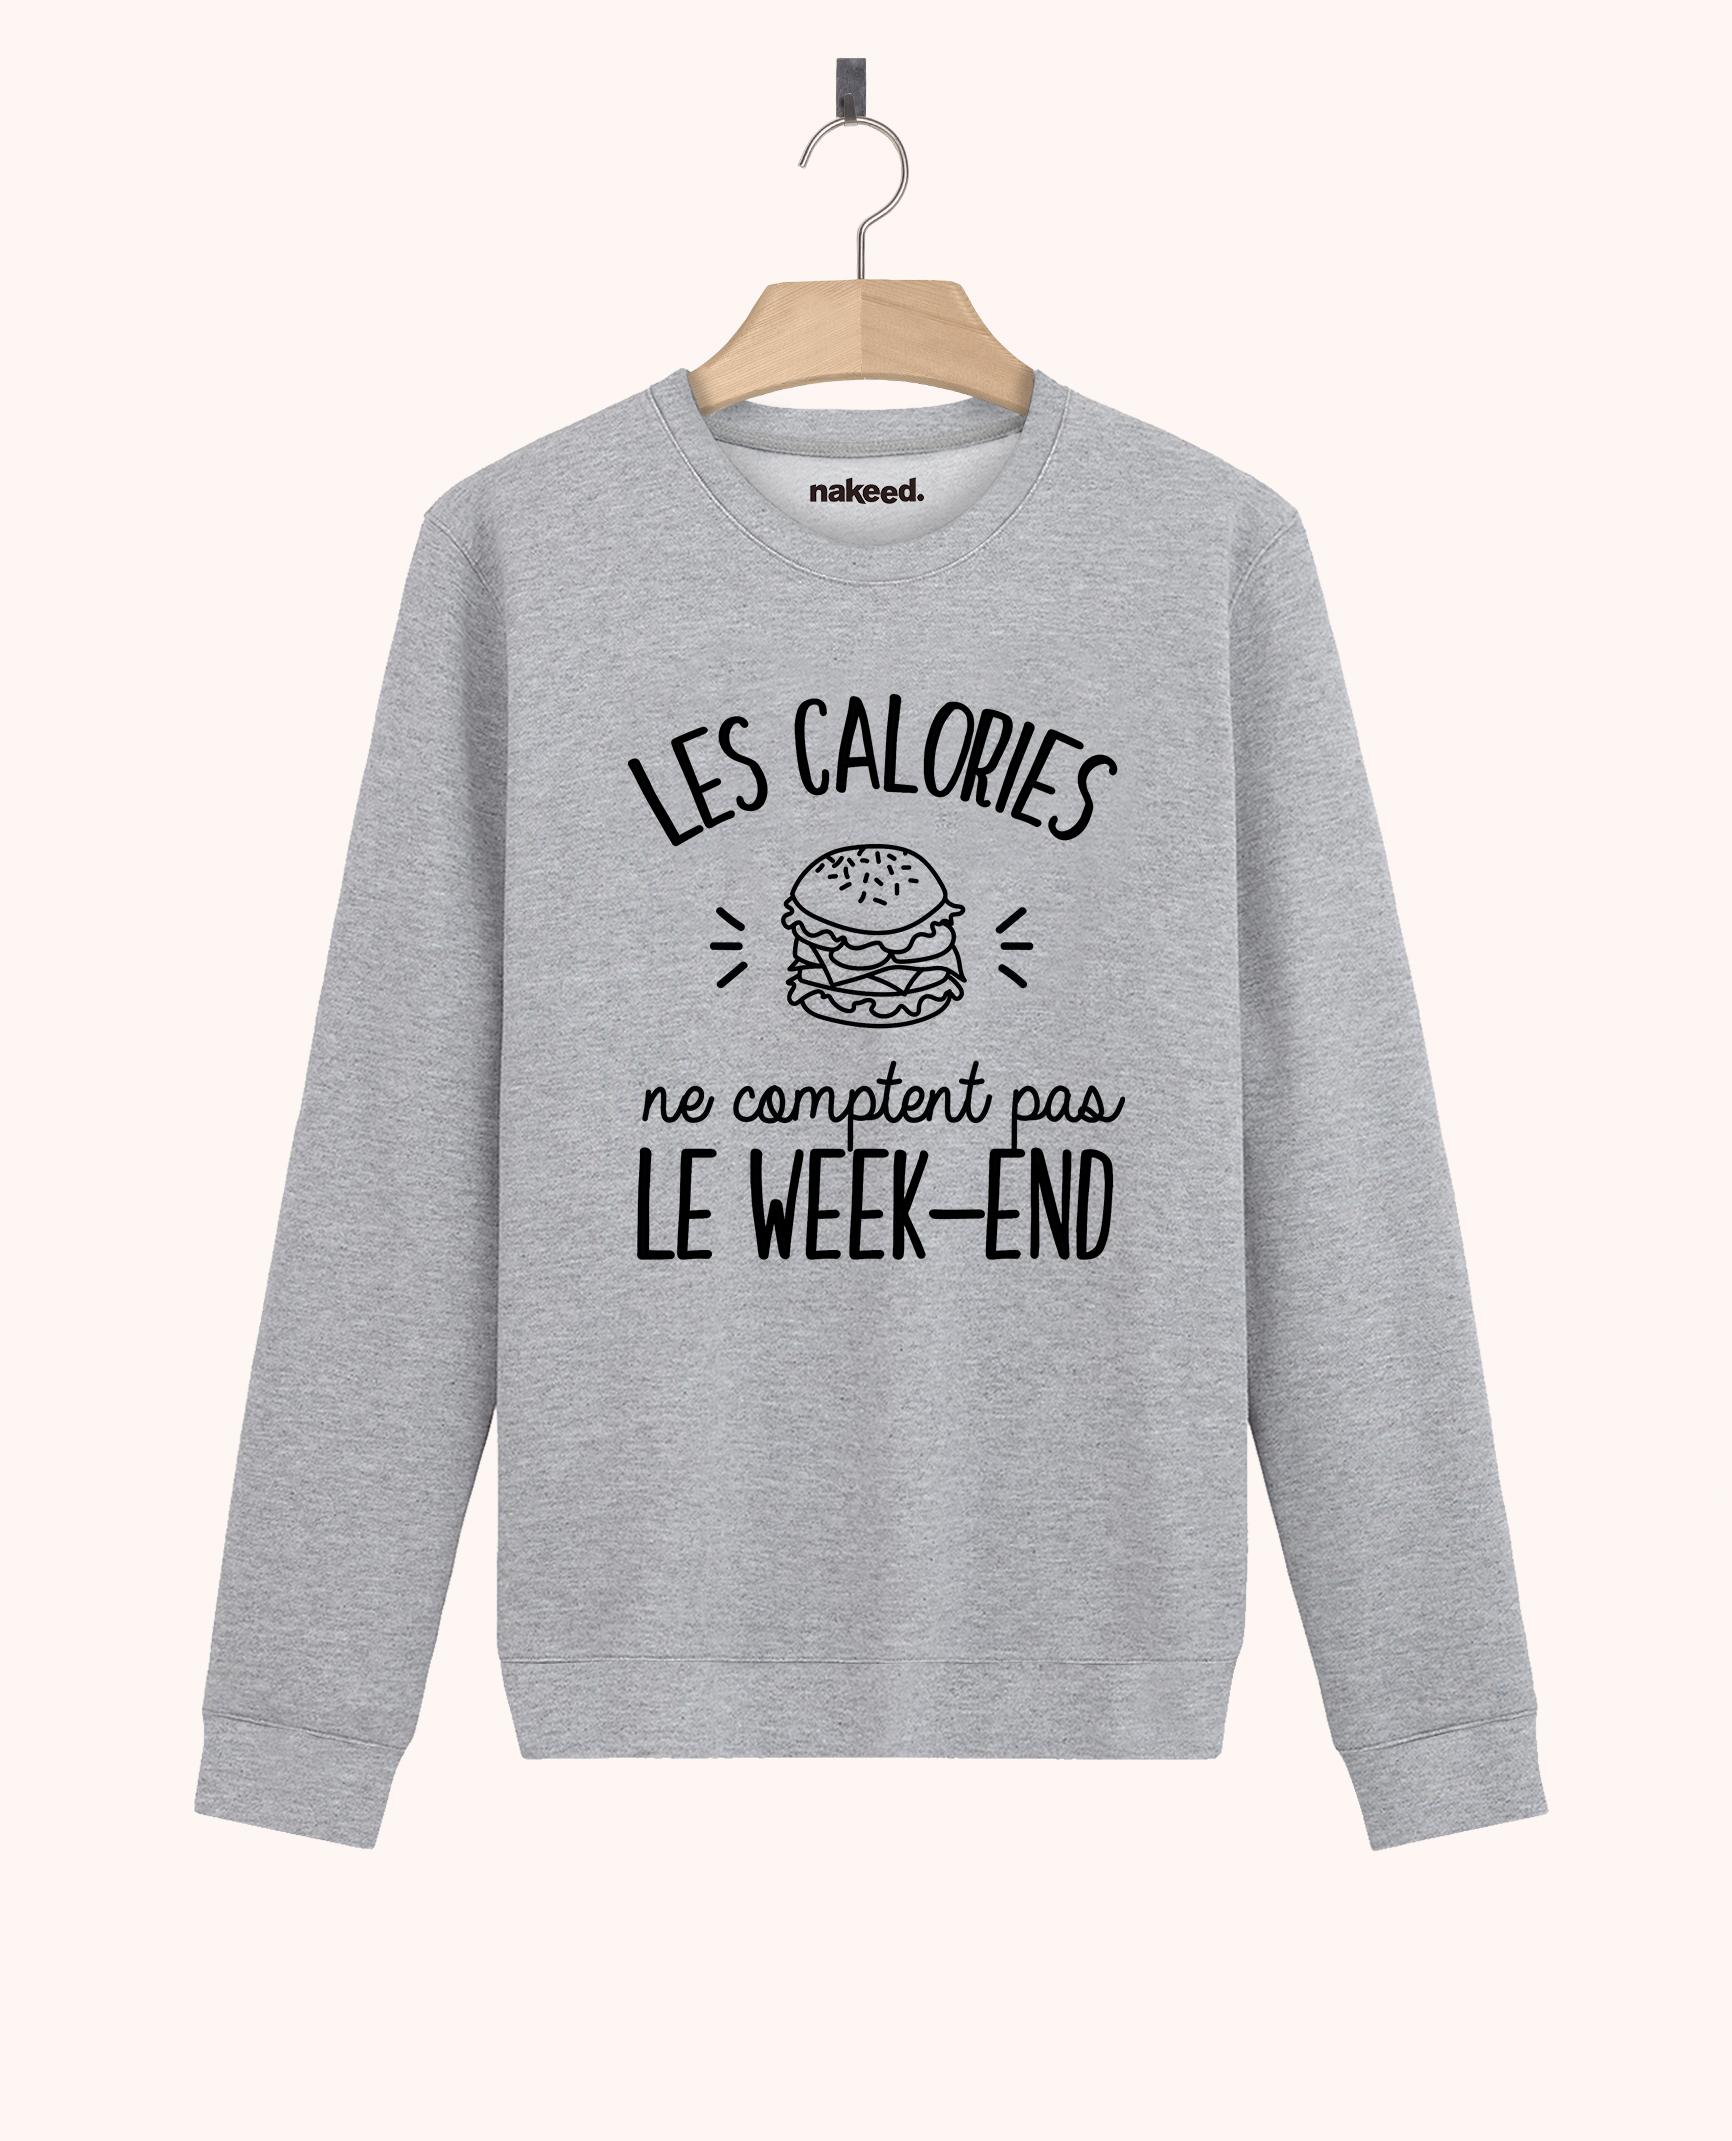 Sweatshirt Les calories ne comptent pas le week-end